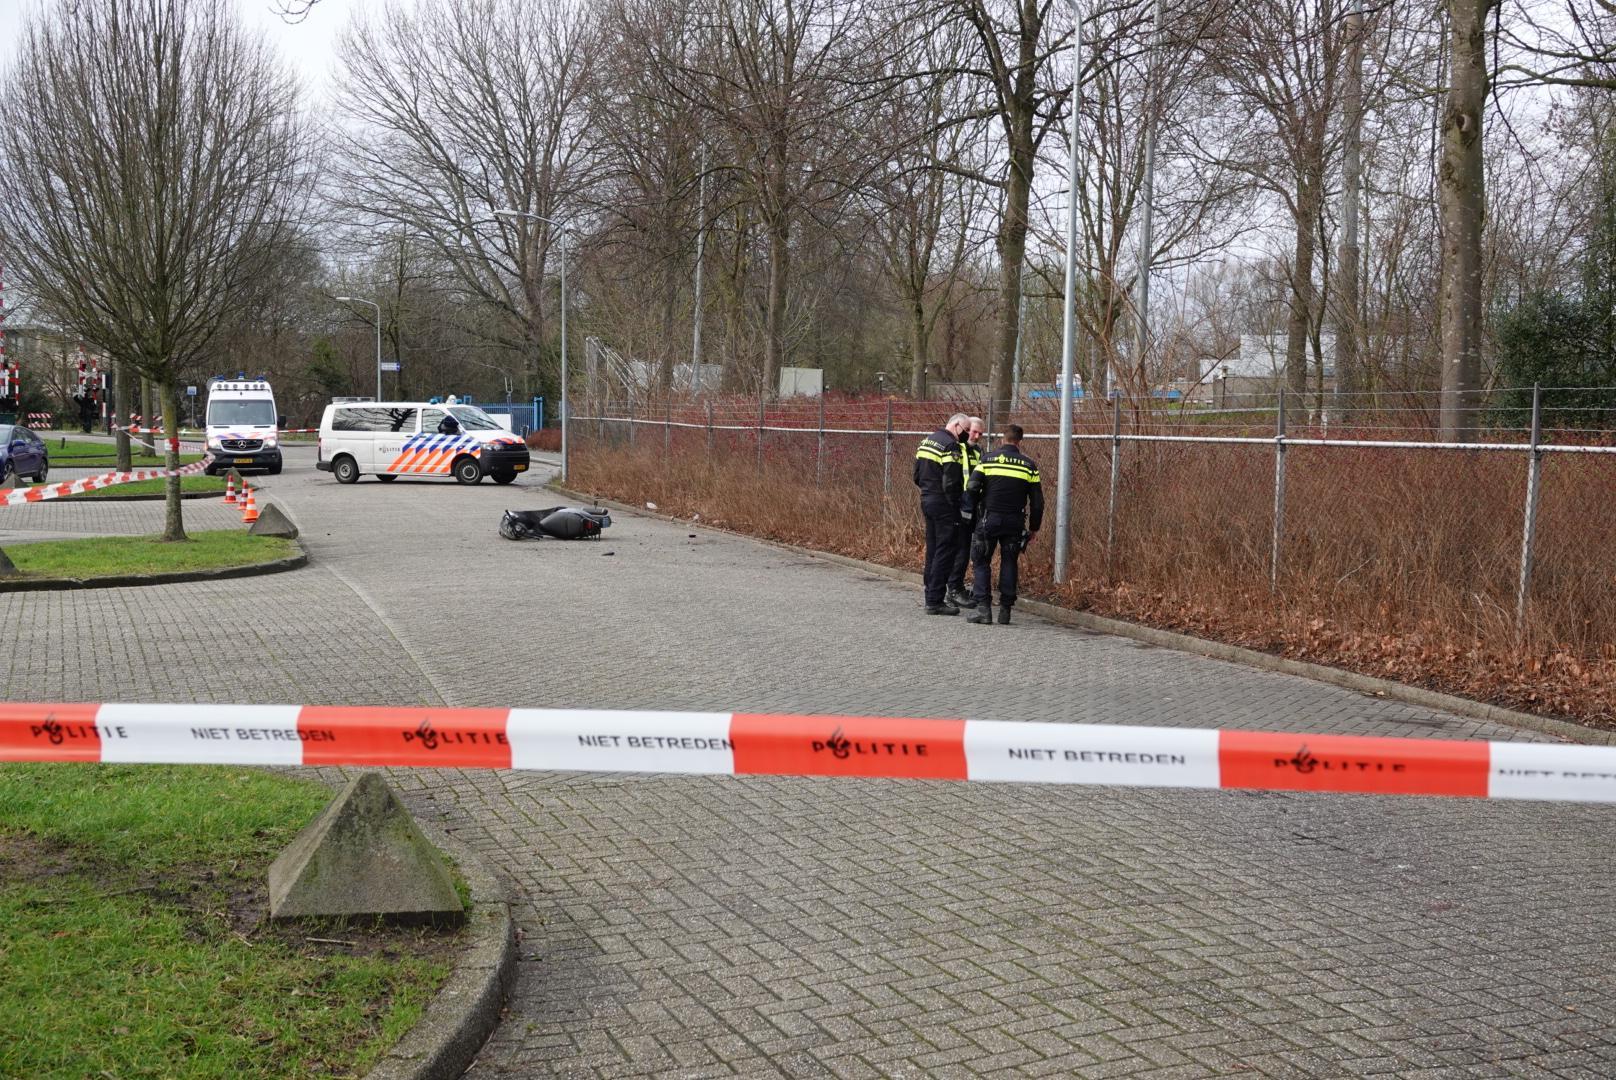 Jongen ernstig gewond bij eenzijdig scooterongeluk in Hoorn; traumahelikopter ter plaatse